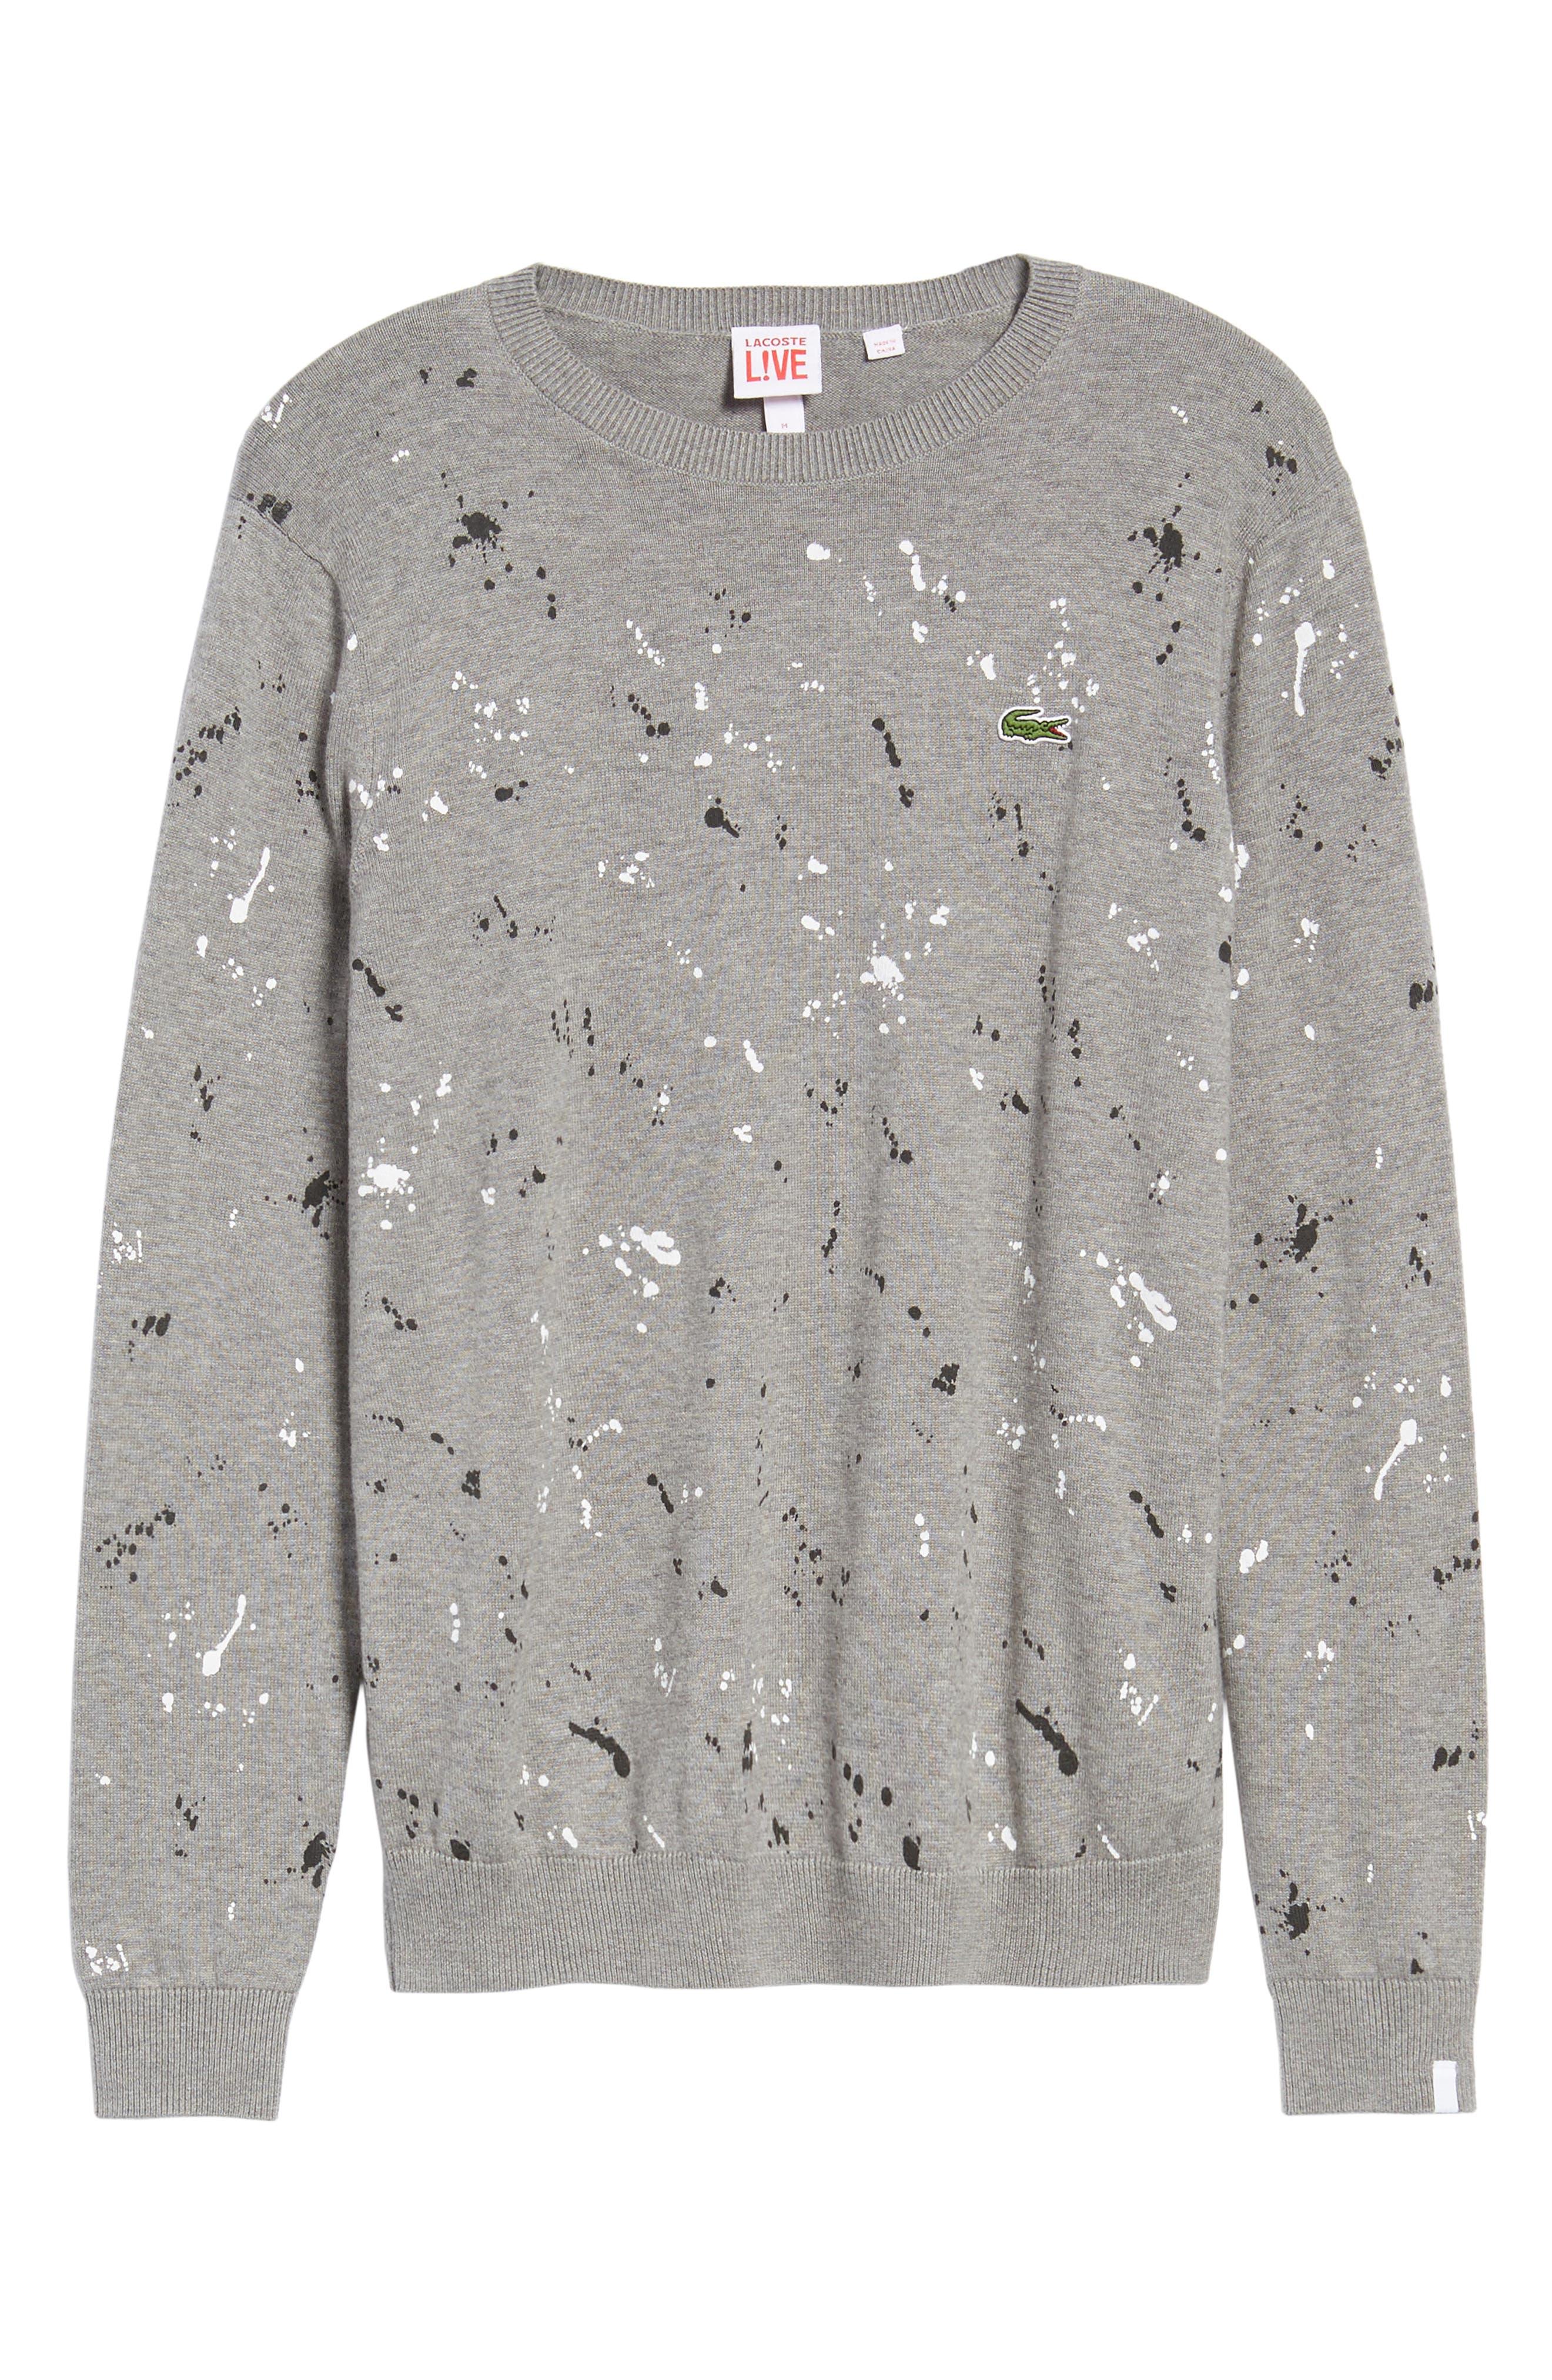 Splatter Sweater,                             Alternate thumbnail 6, color,                             062